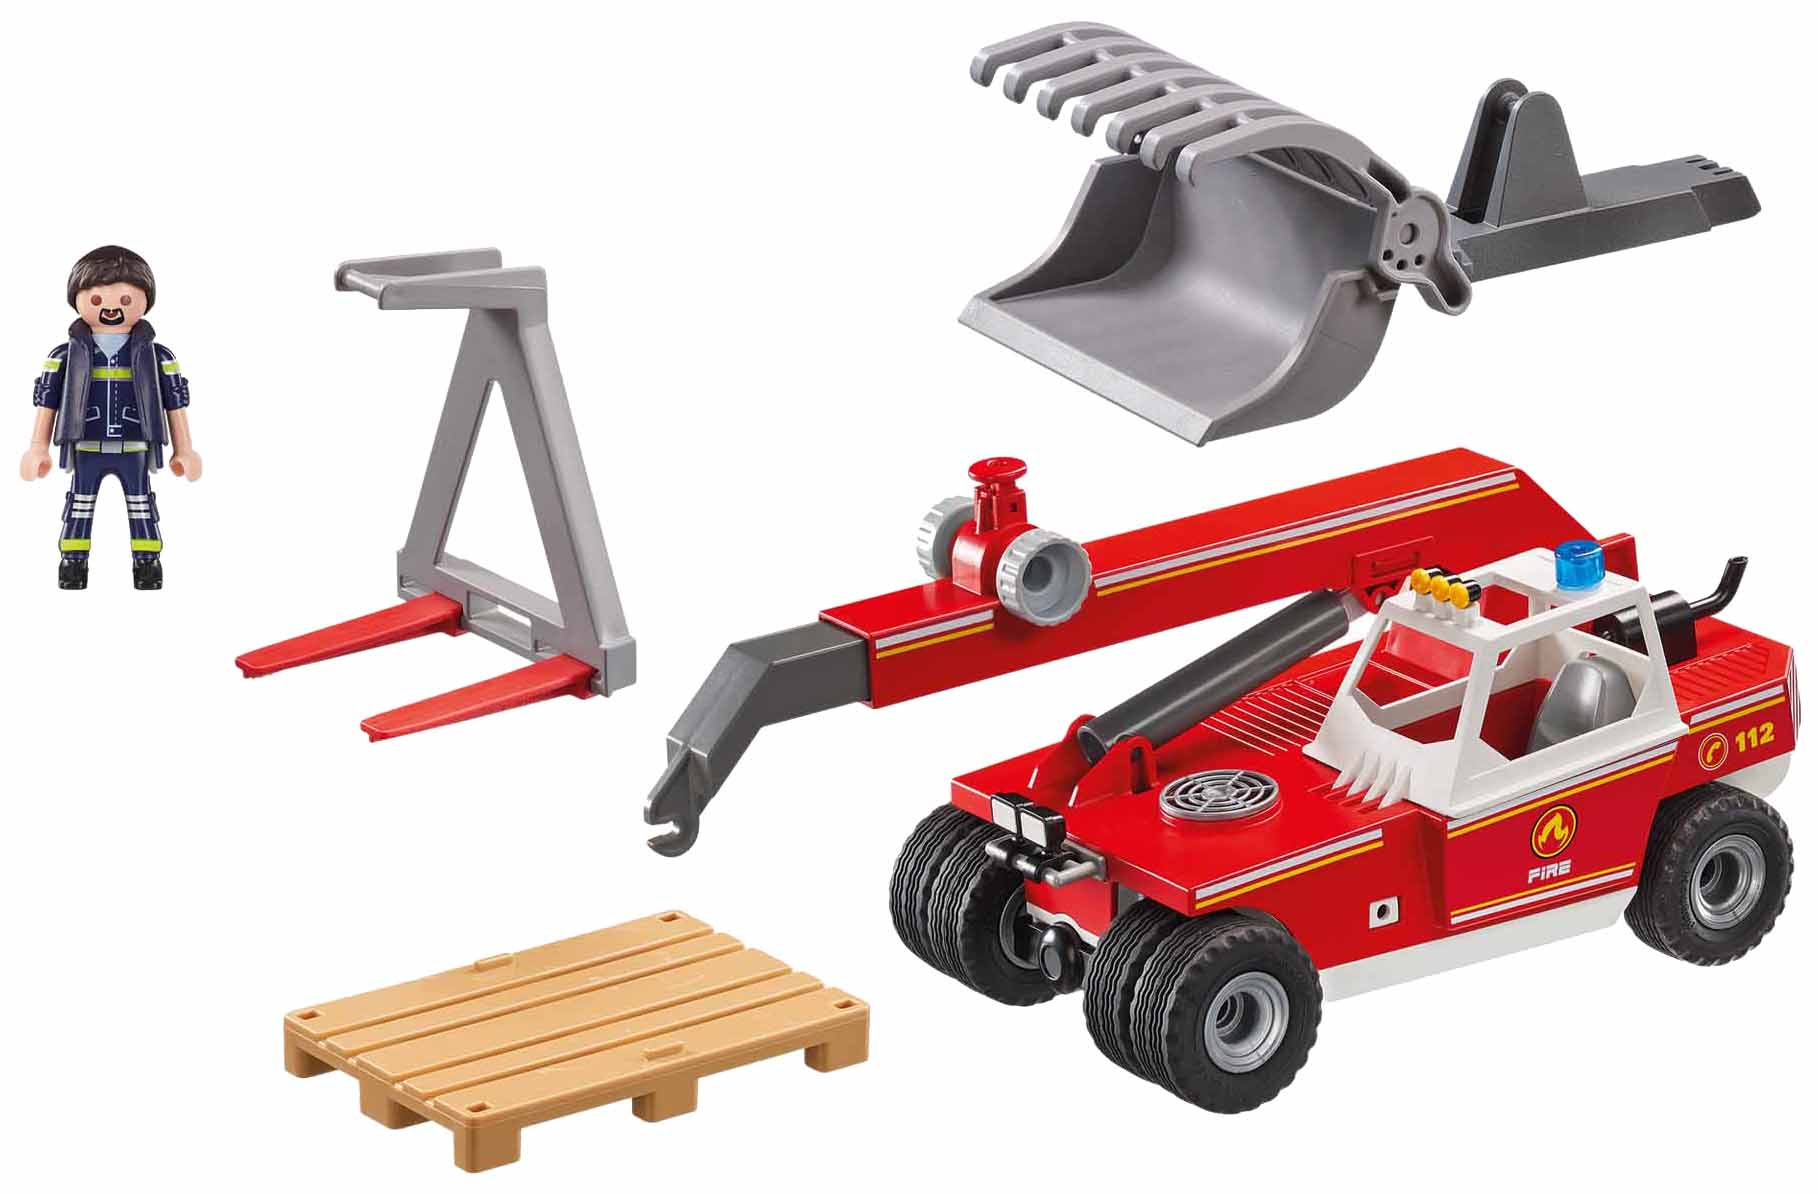 Купить Игровой набор Playmobil Пожарная служба: Пожарный Кран, Игровые наборы